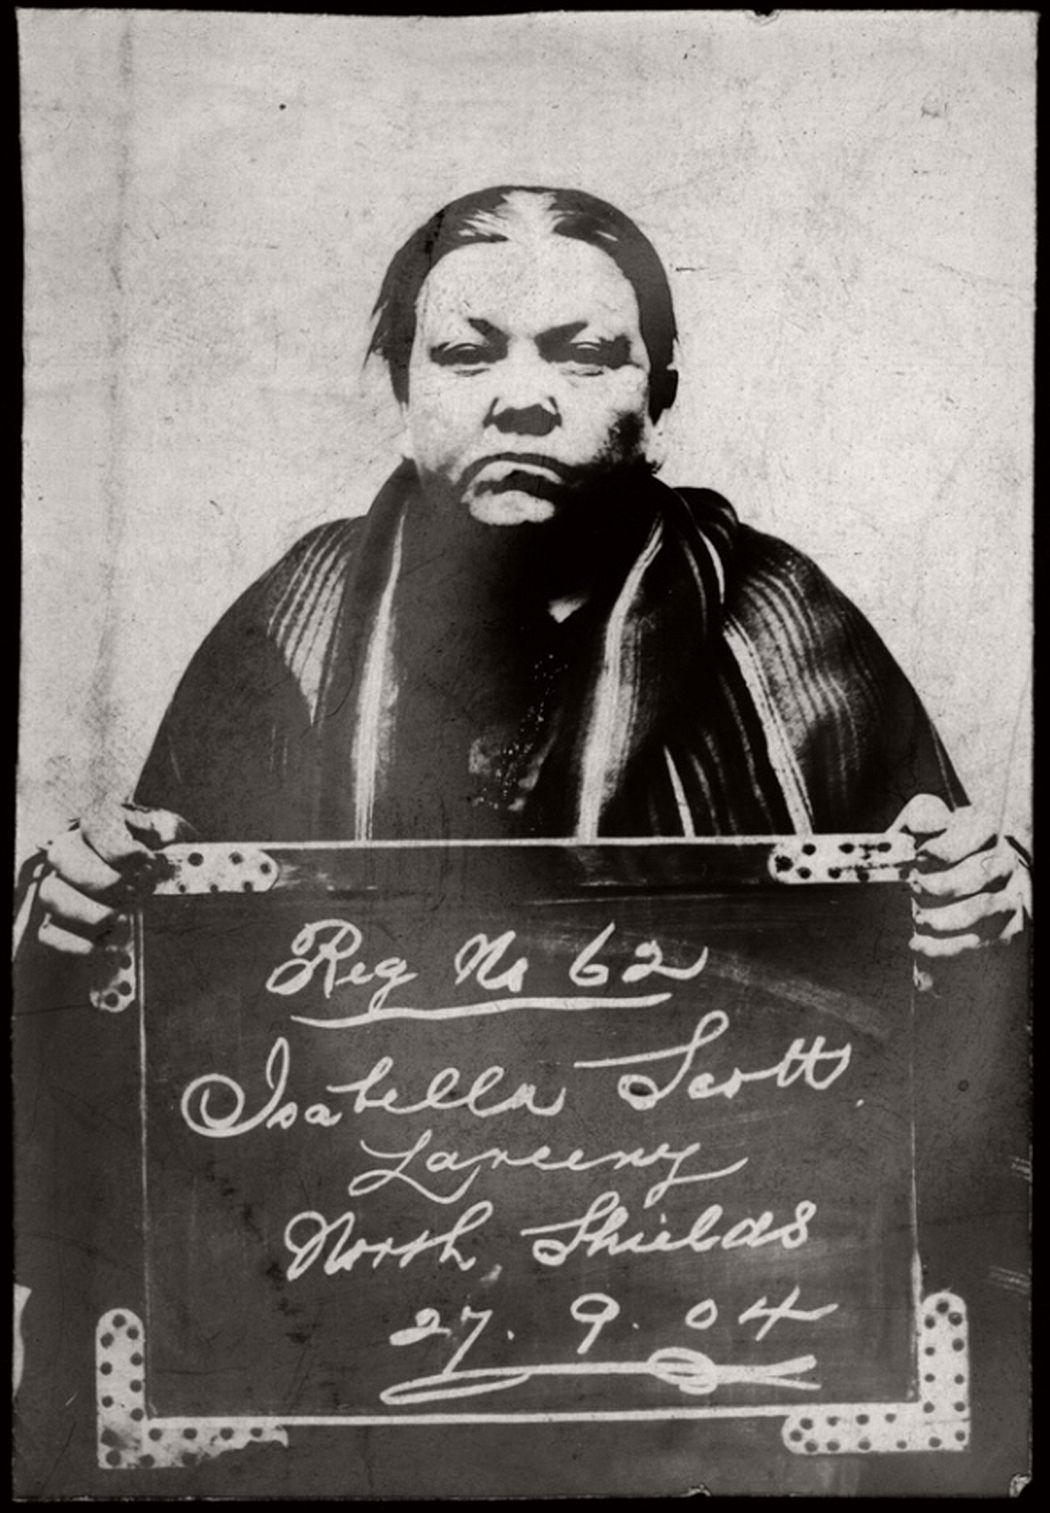 vintage-mug-shot-of-women-criminals-from-north-shields-1903-1905-05